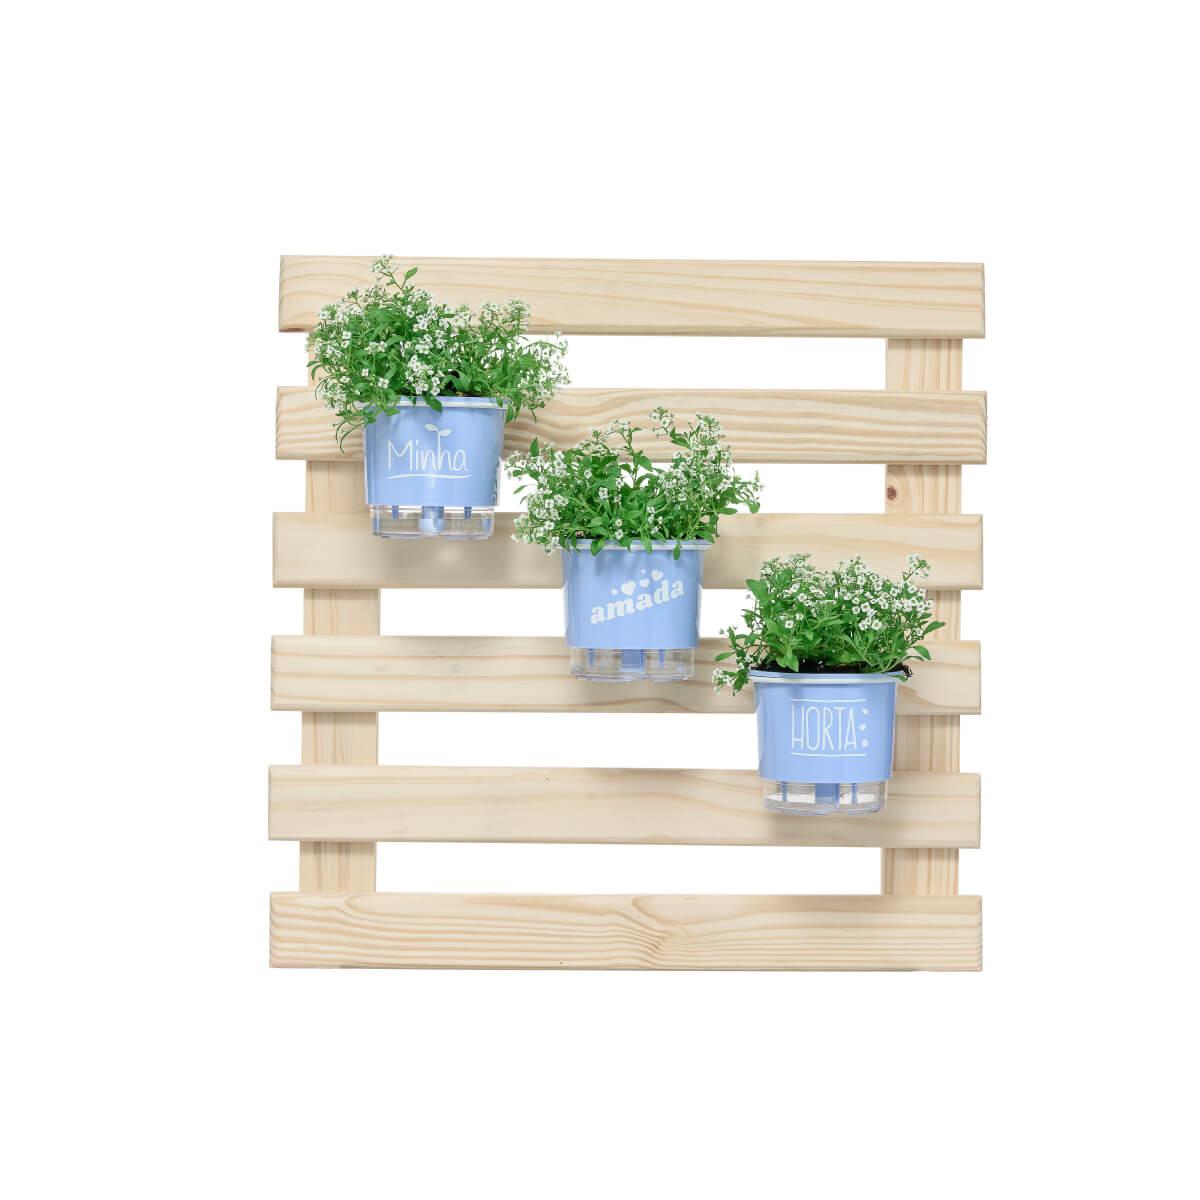 Mini Jardim Vertical 60cm x 60cm Amada Horta Azul Serenity  - Vasos Raiz Loja Oficial